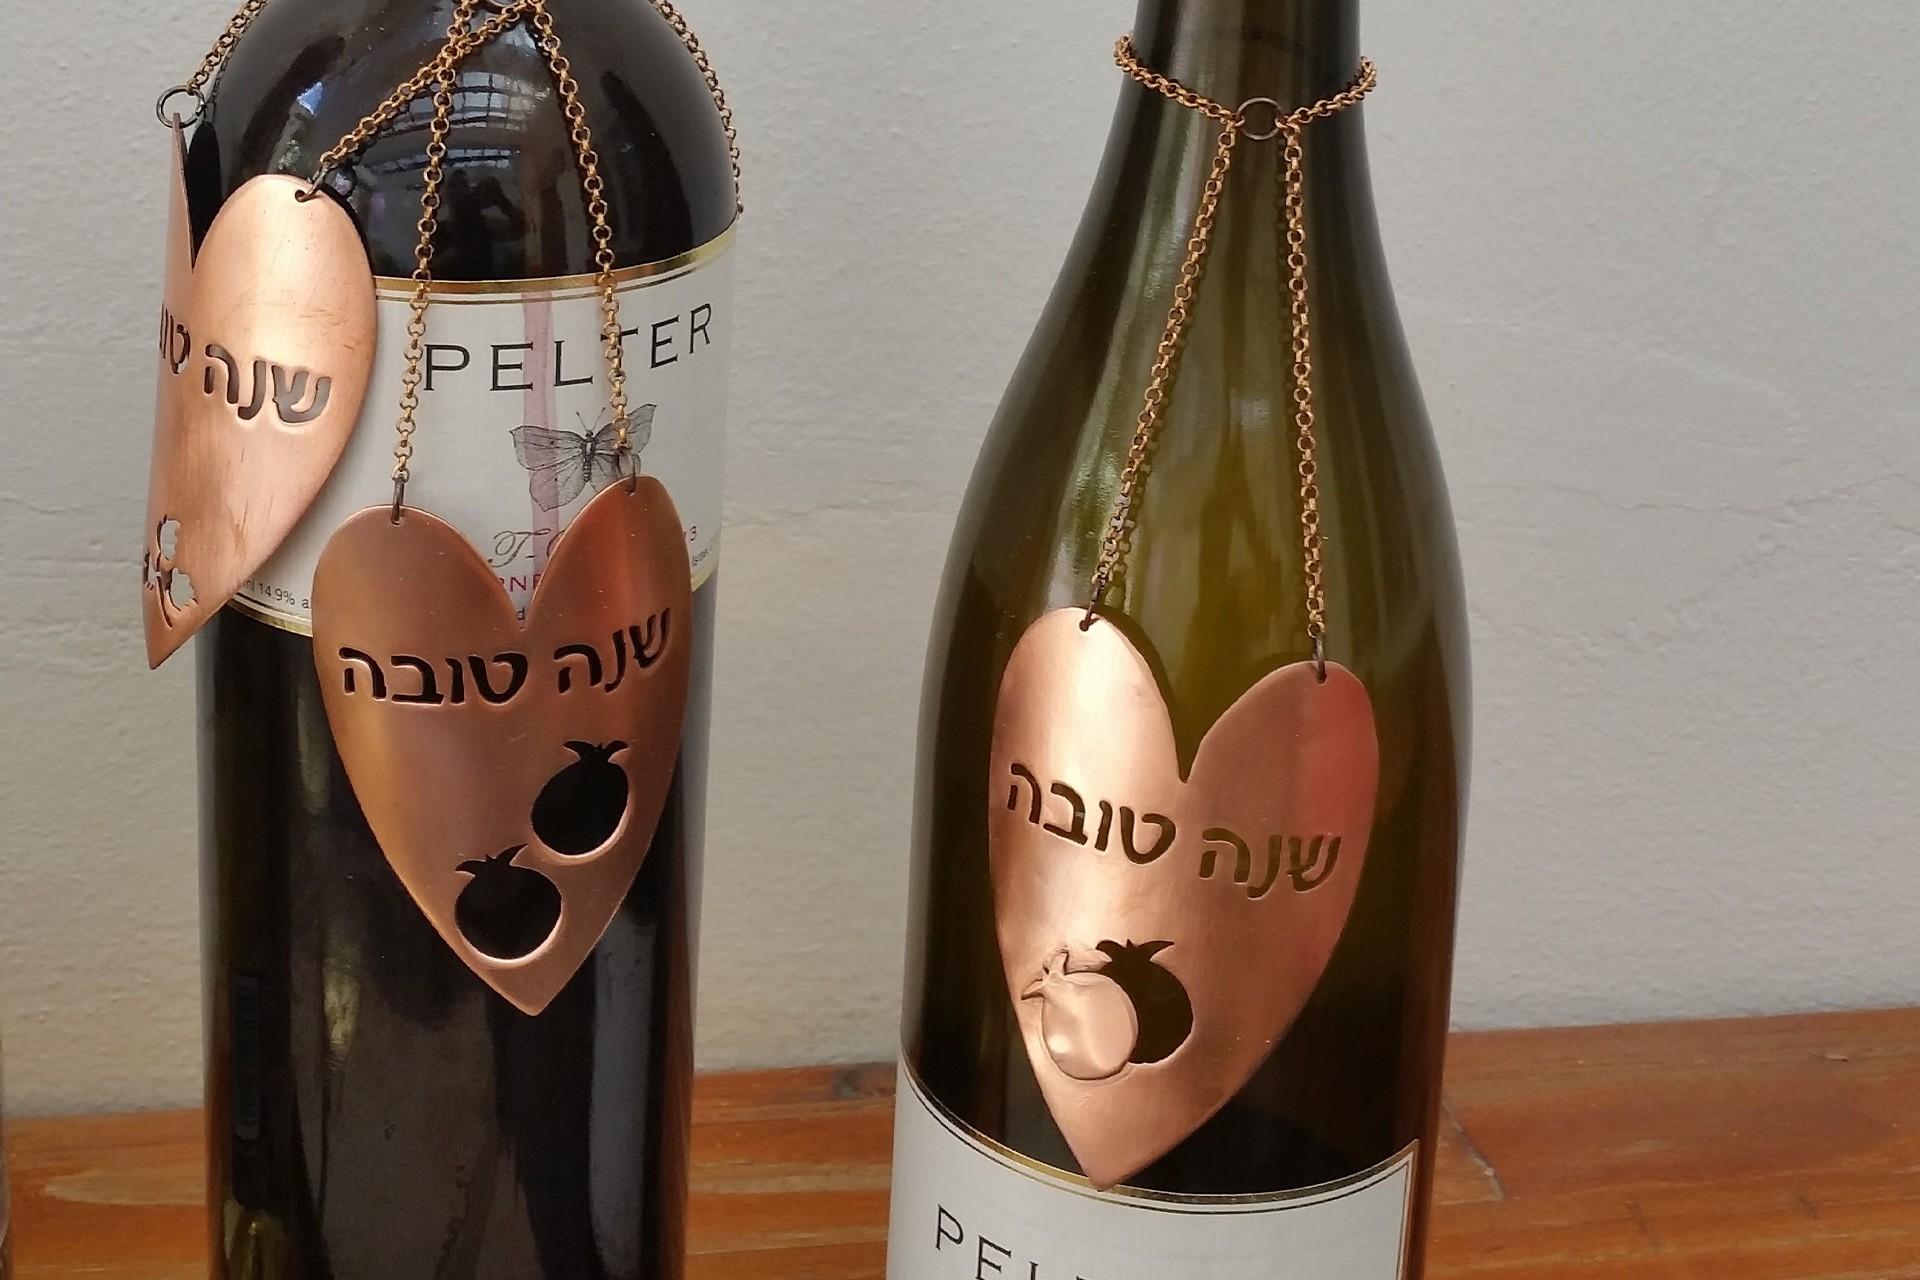 שנה טובה קישוט לבקבוקי יין